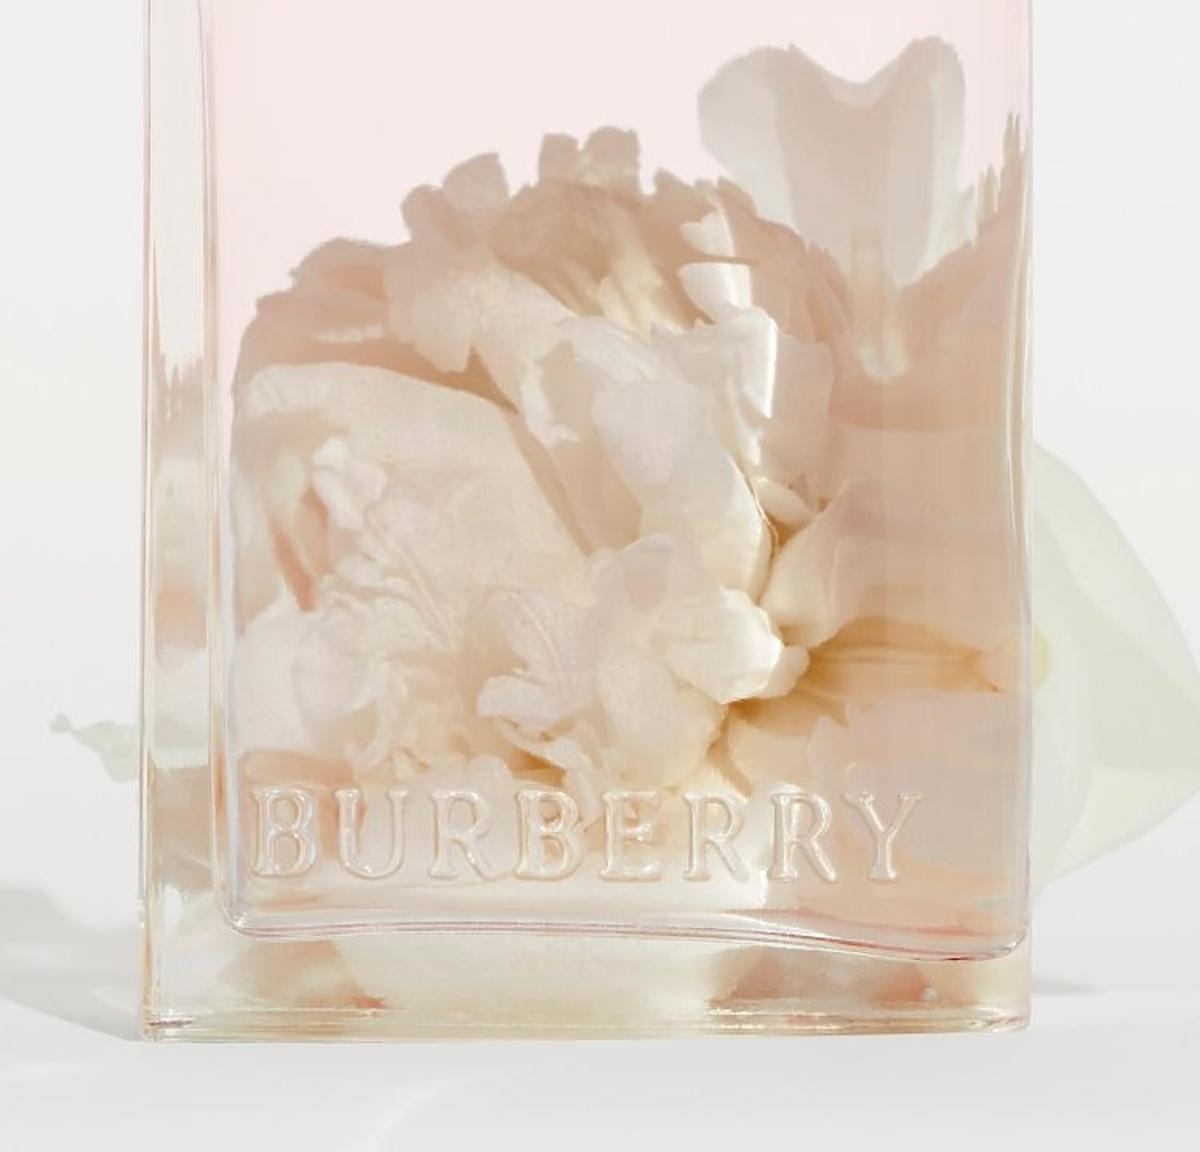 Her Blossom Burberry